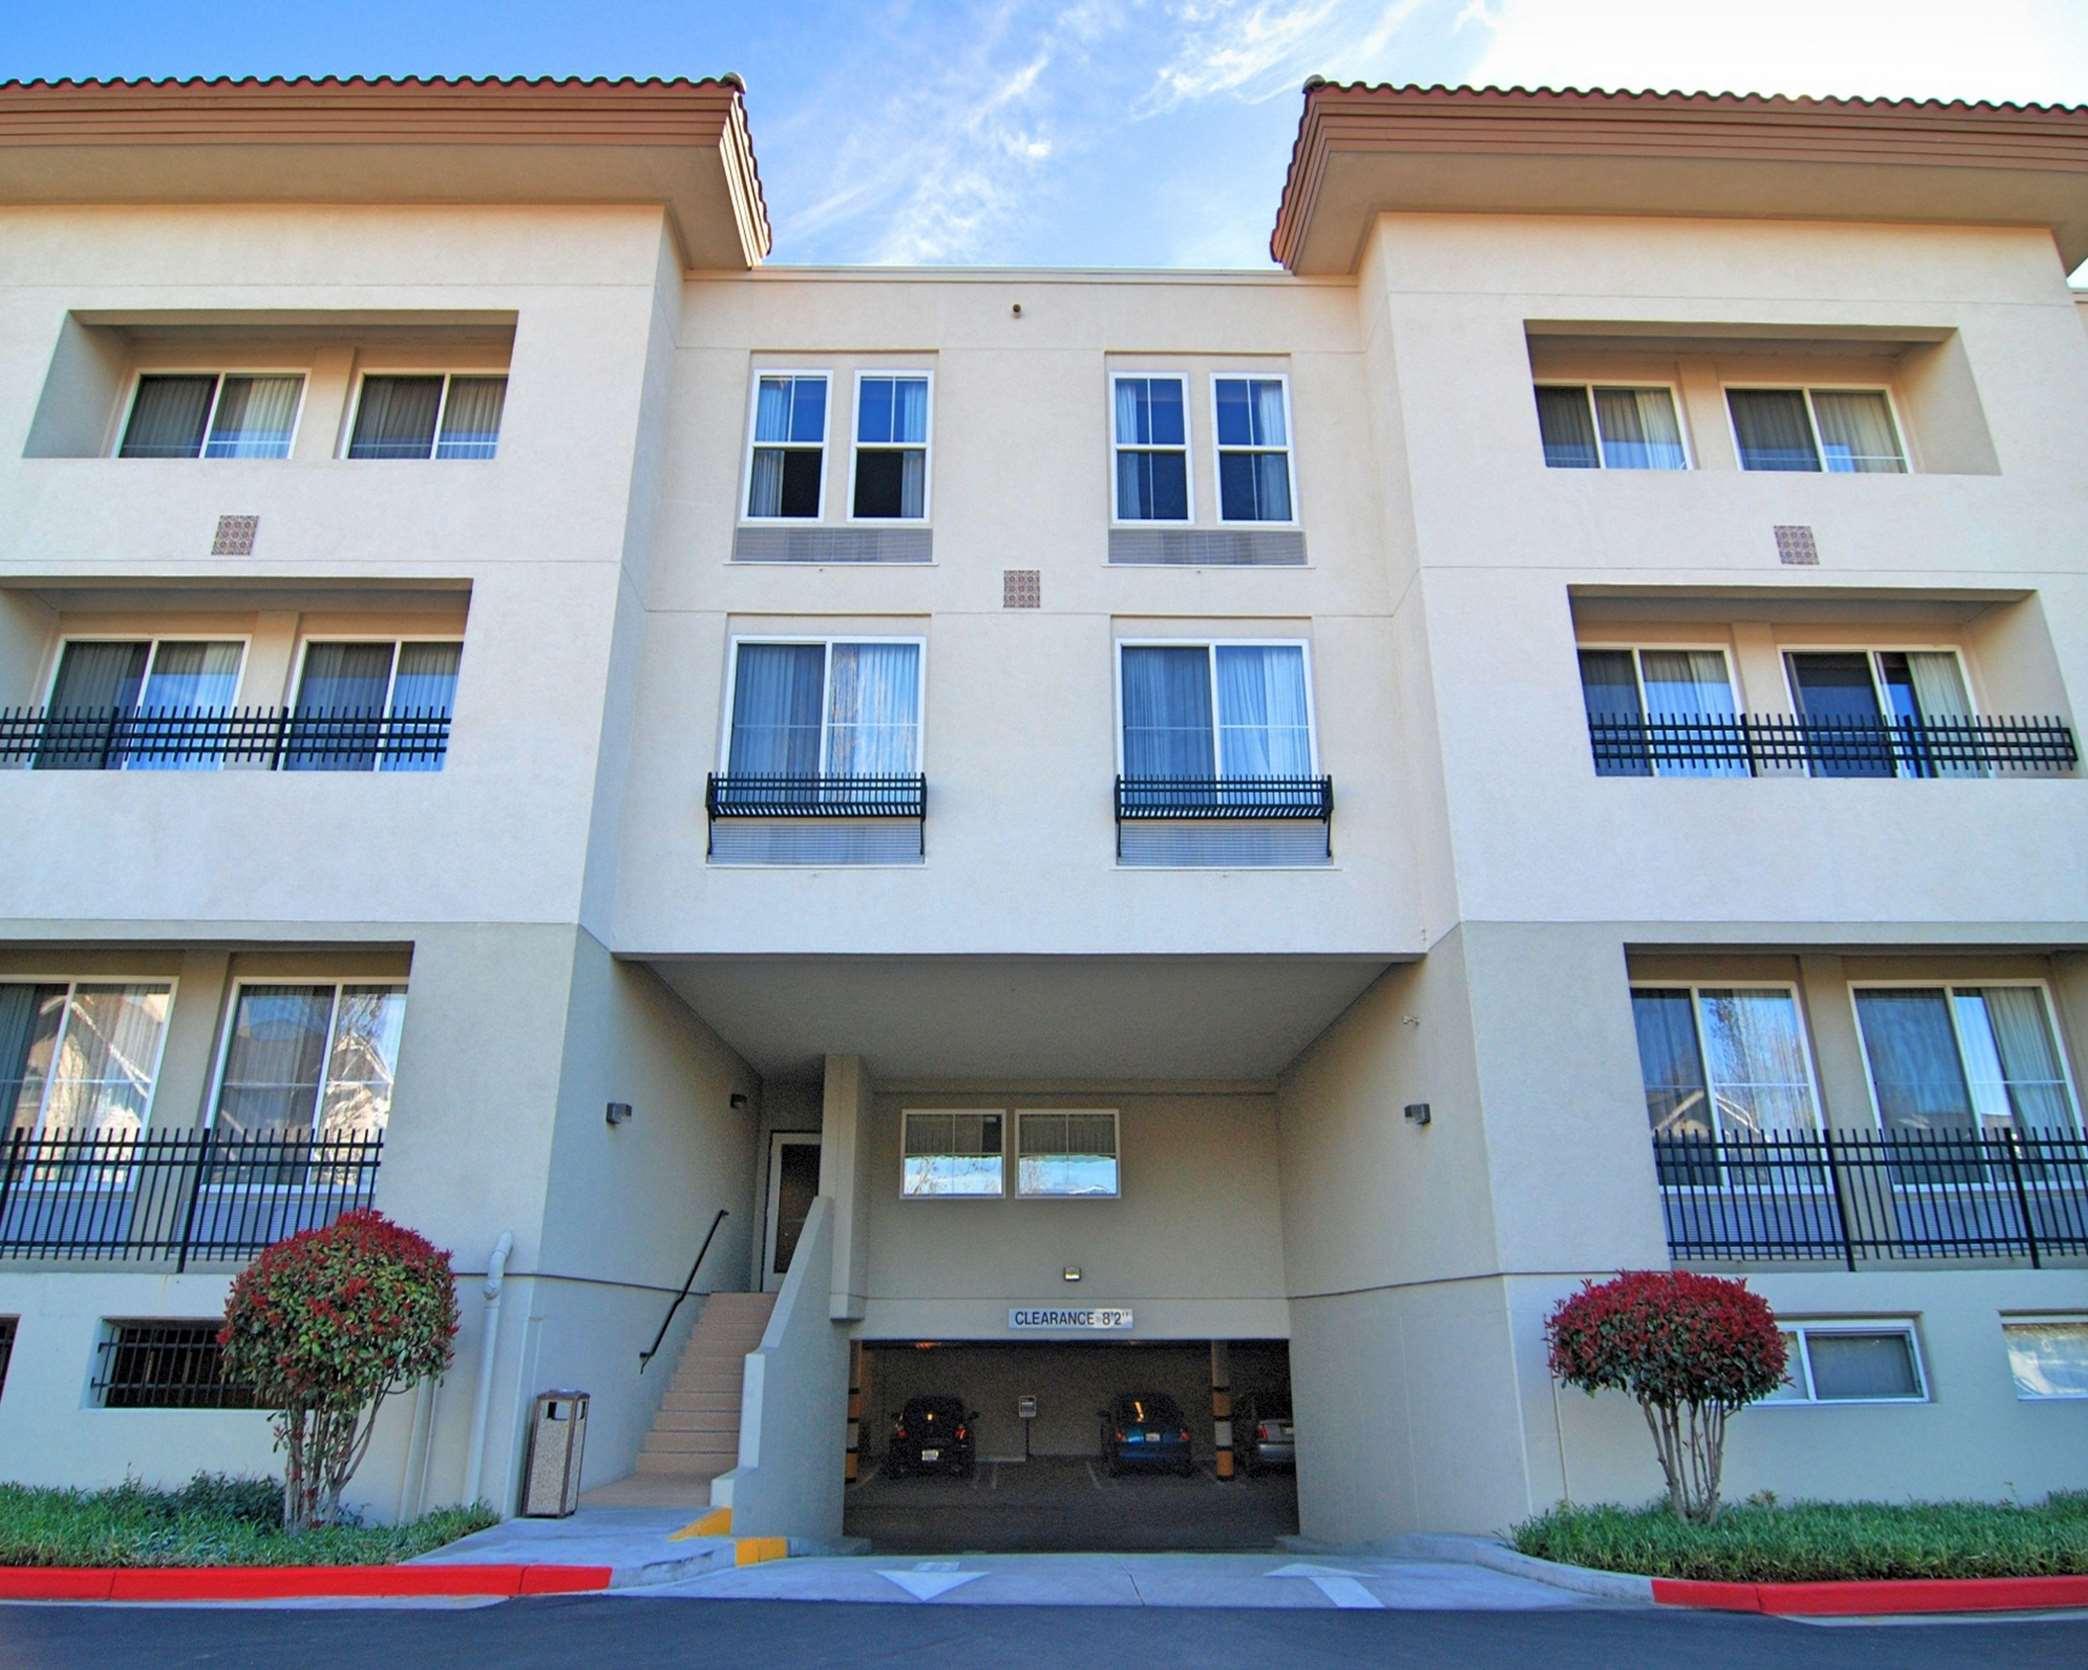 Hampton Inn & Suites Mountain View image 27